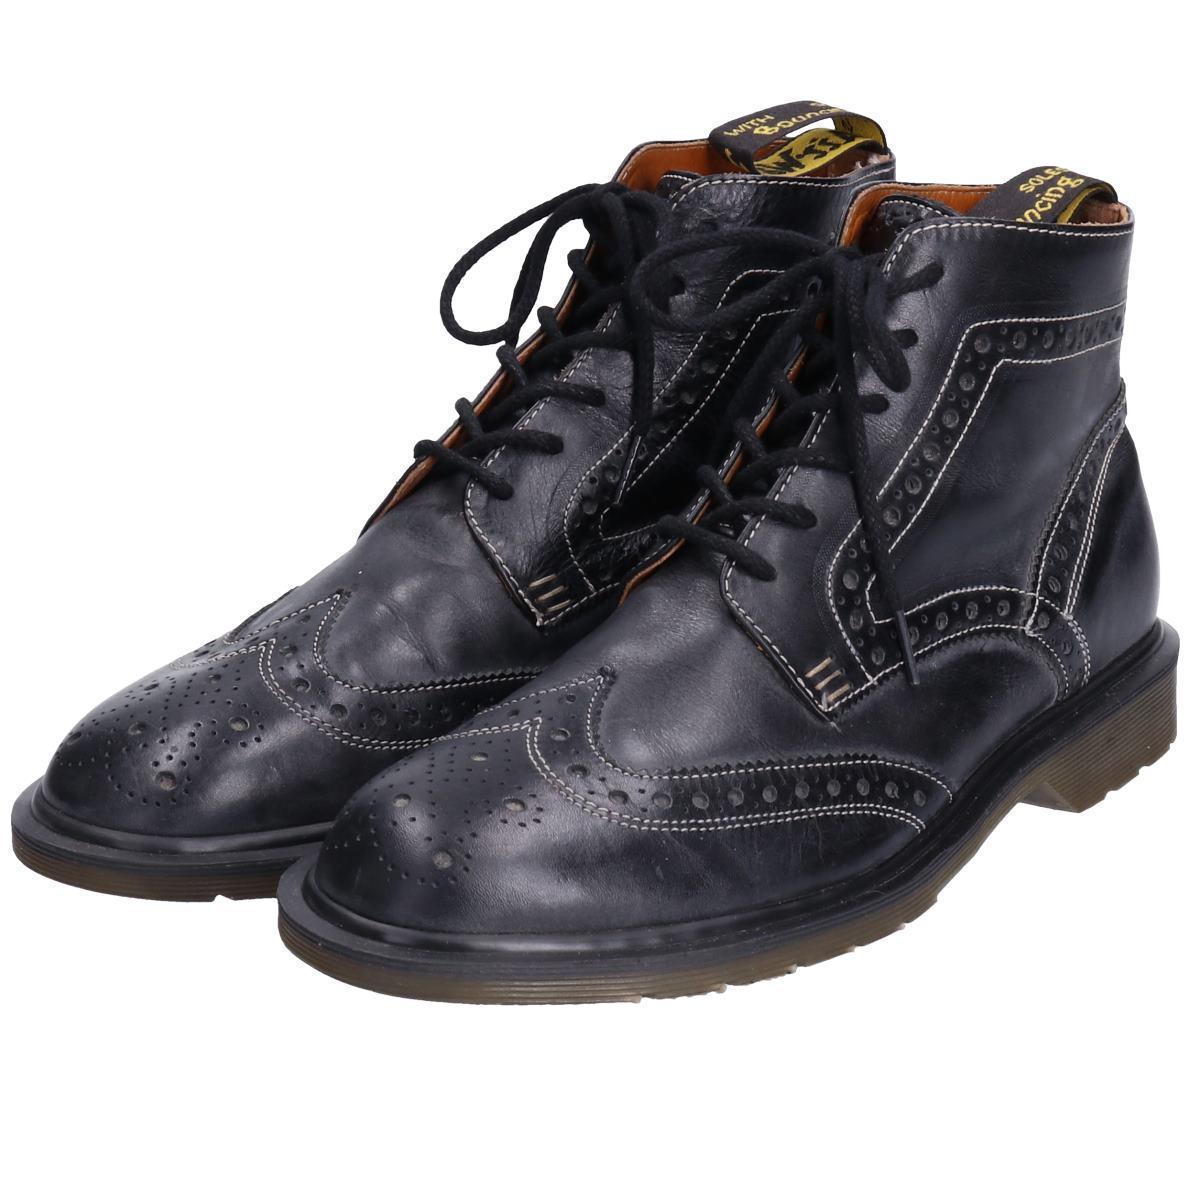 ドクターマーチン Dr.Martens ウイングチップブーツ 英国製 UK9 メンズ27.5cm /bop6194 【中古】 【190718】【PD2003-2】